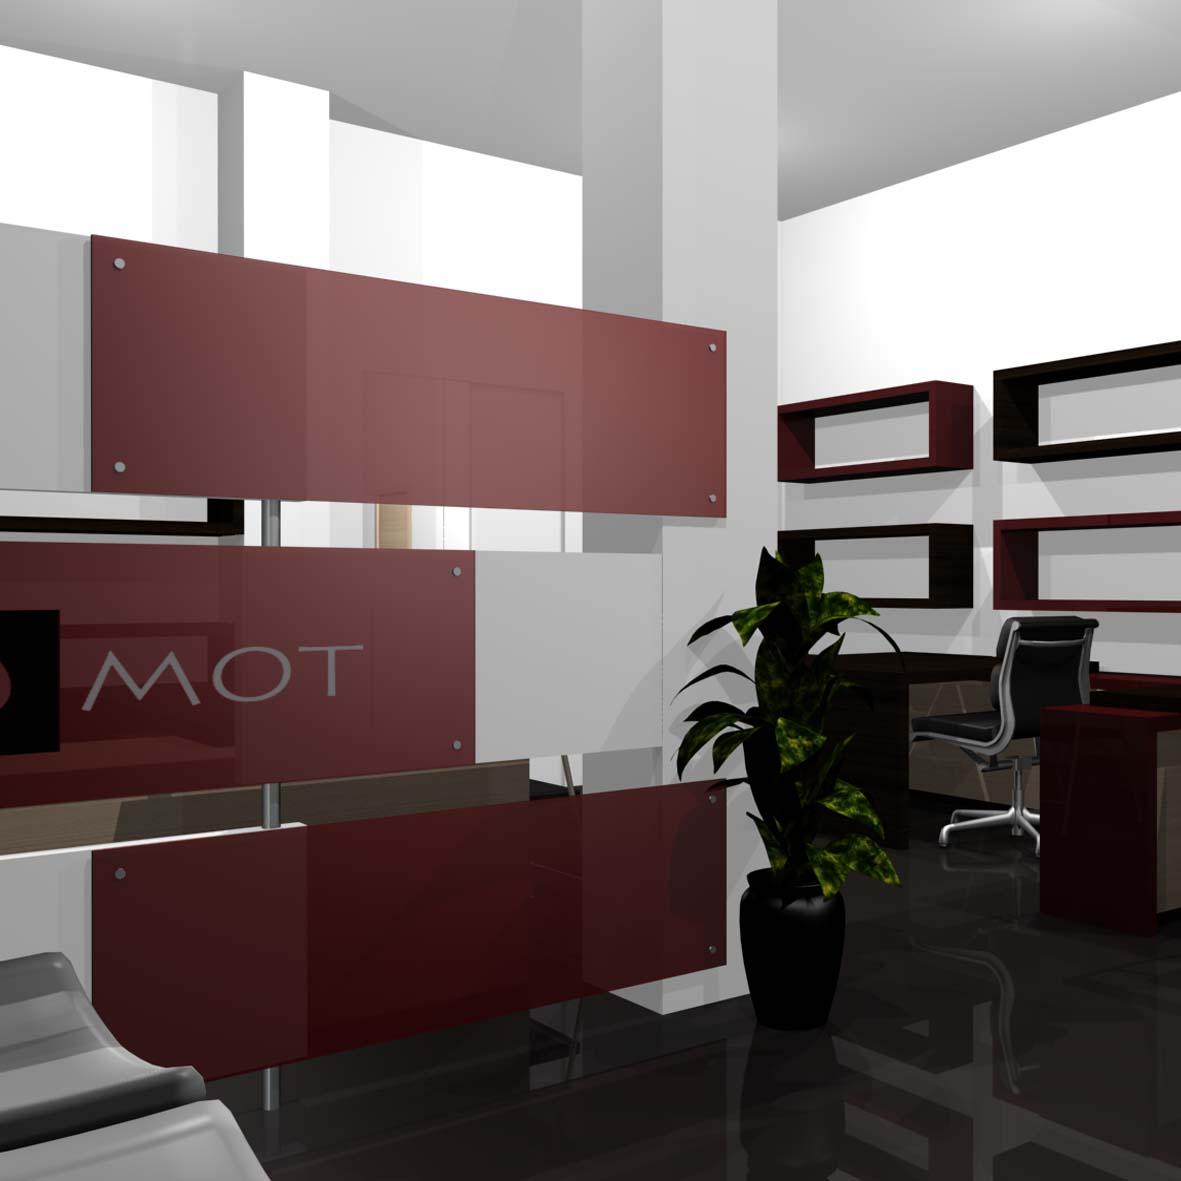 Interiores Y Dise O De Mobiliario Domestika